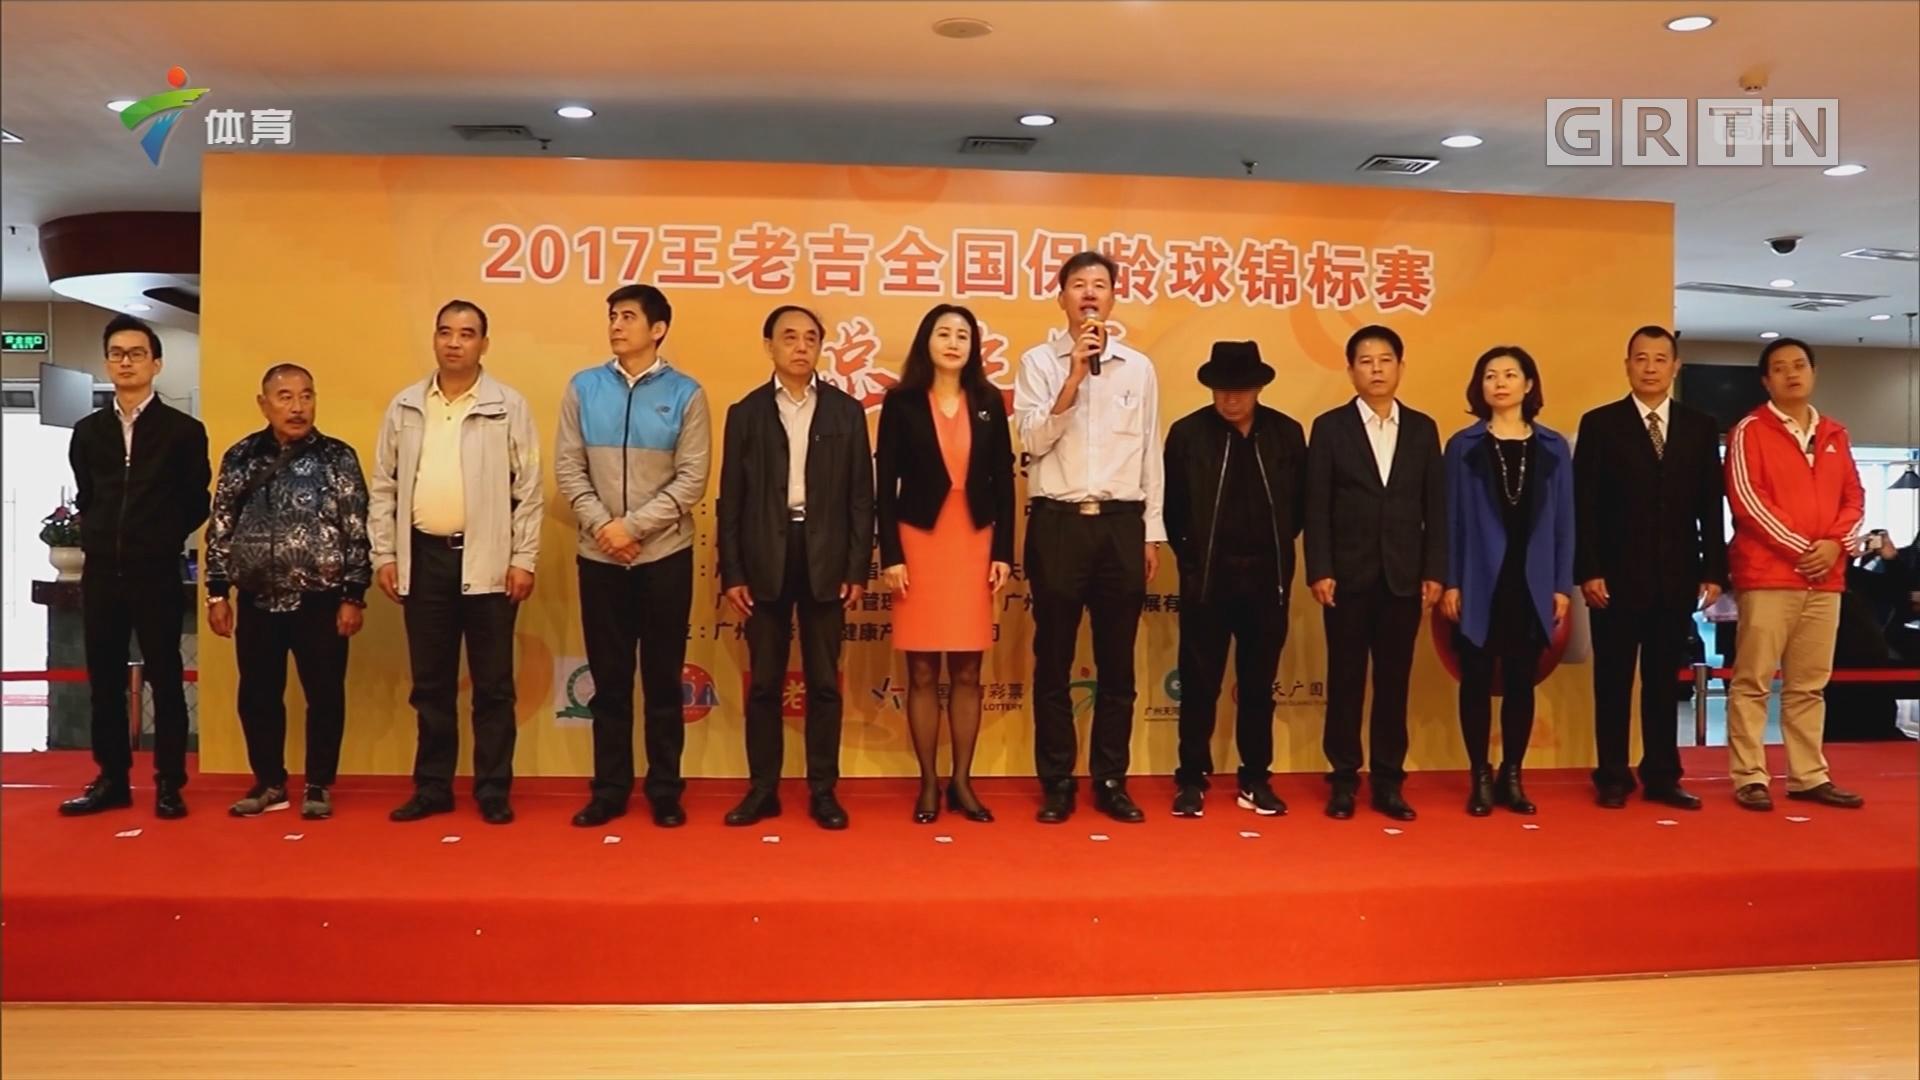 全国保龄球锦标赛总决赛在穗开幕